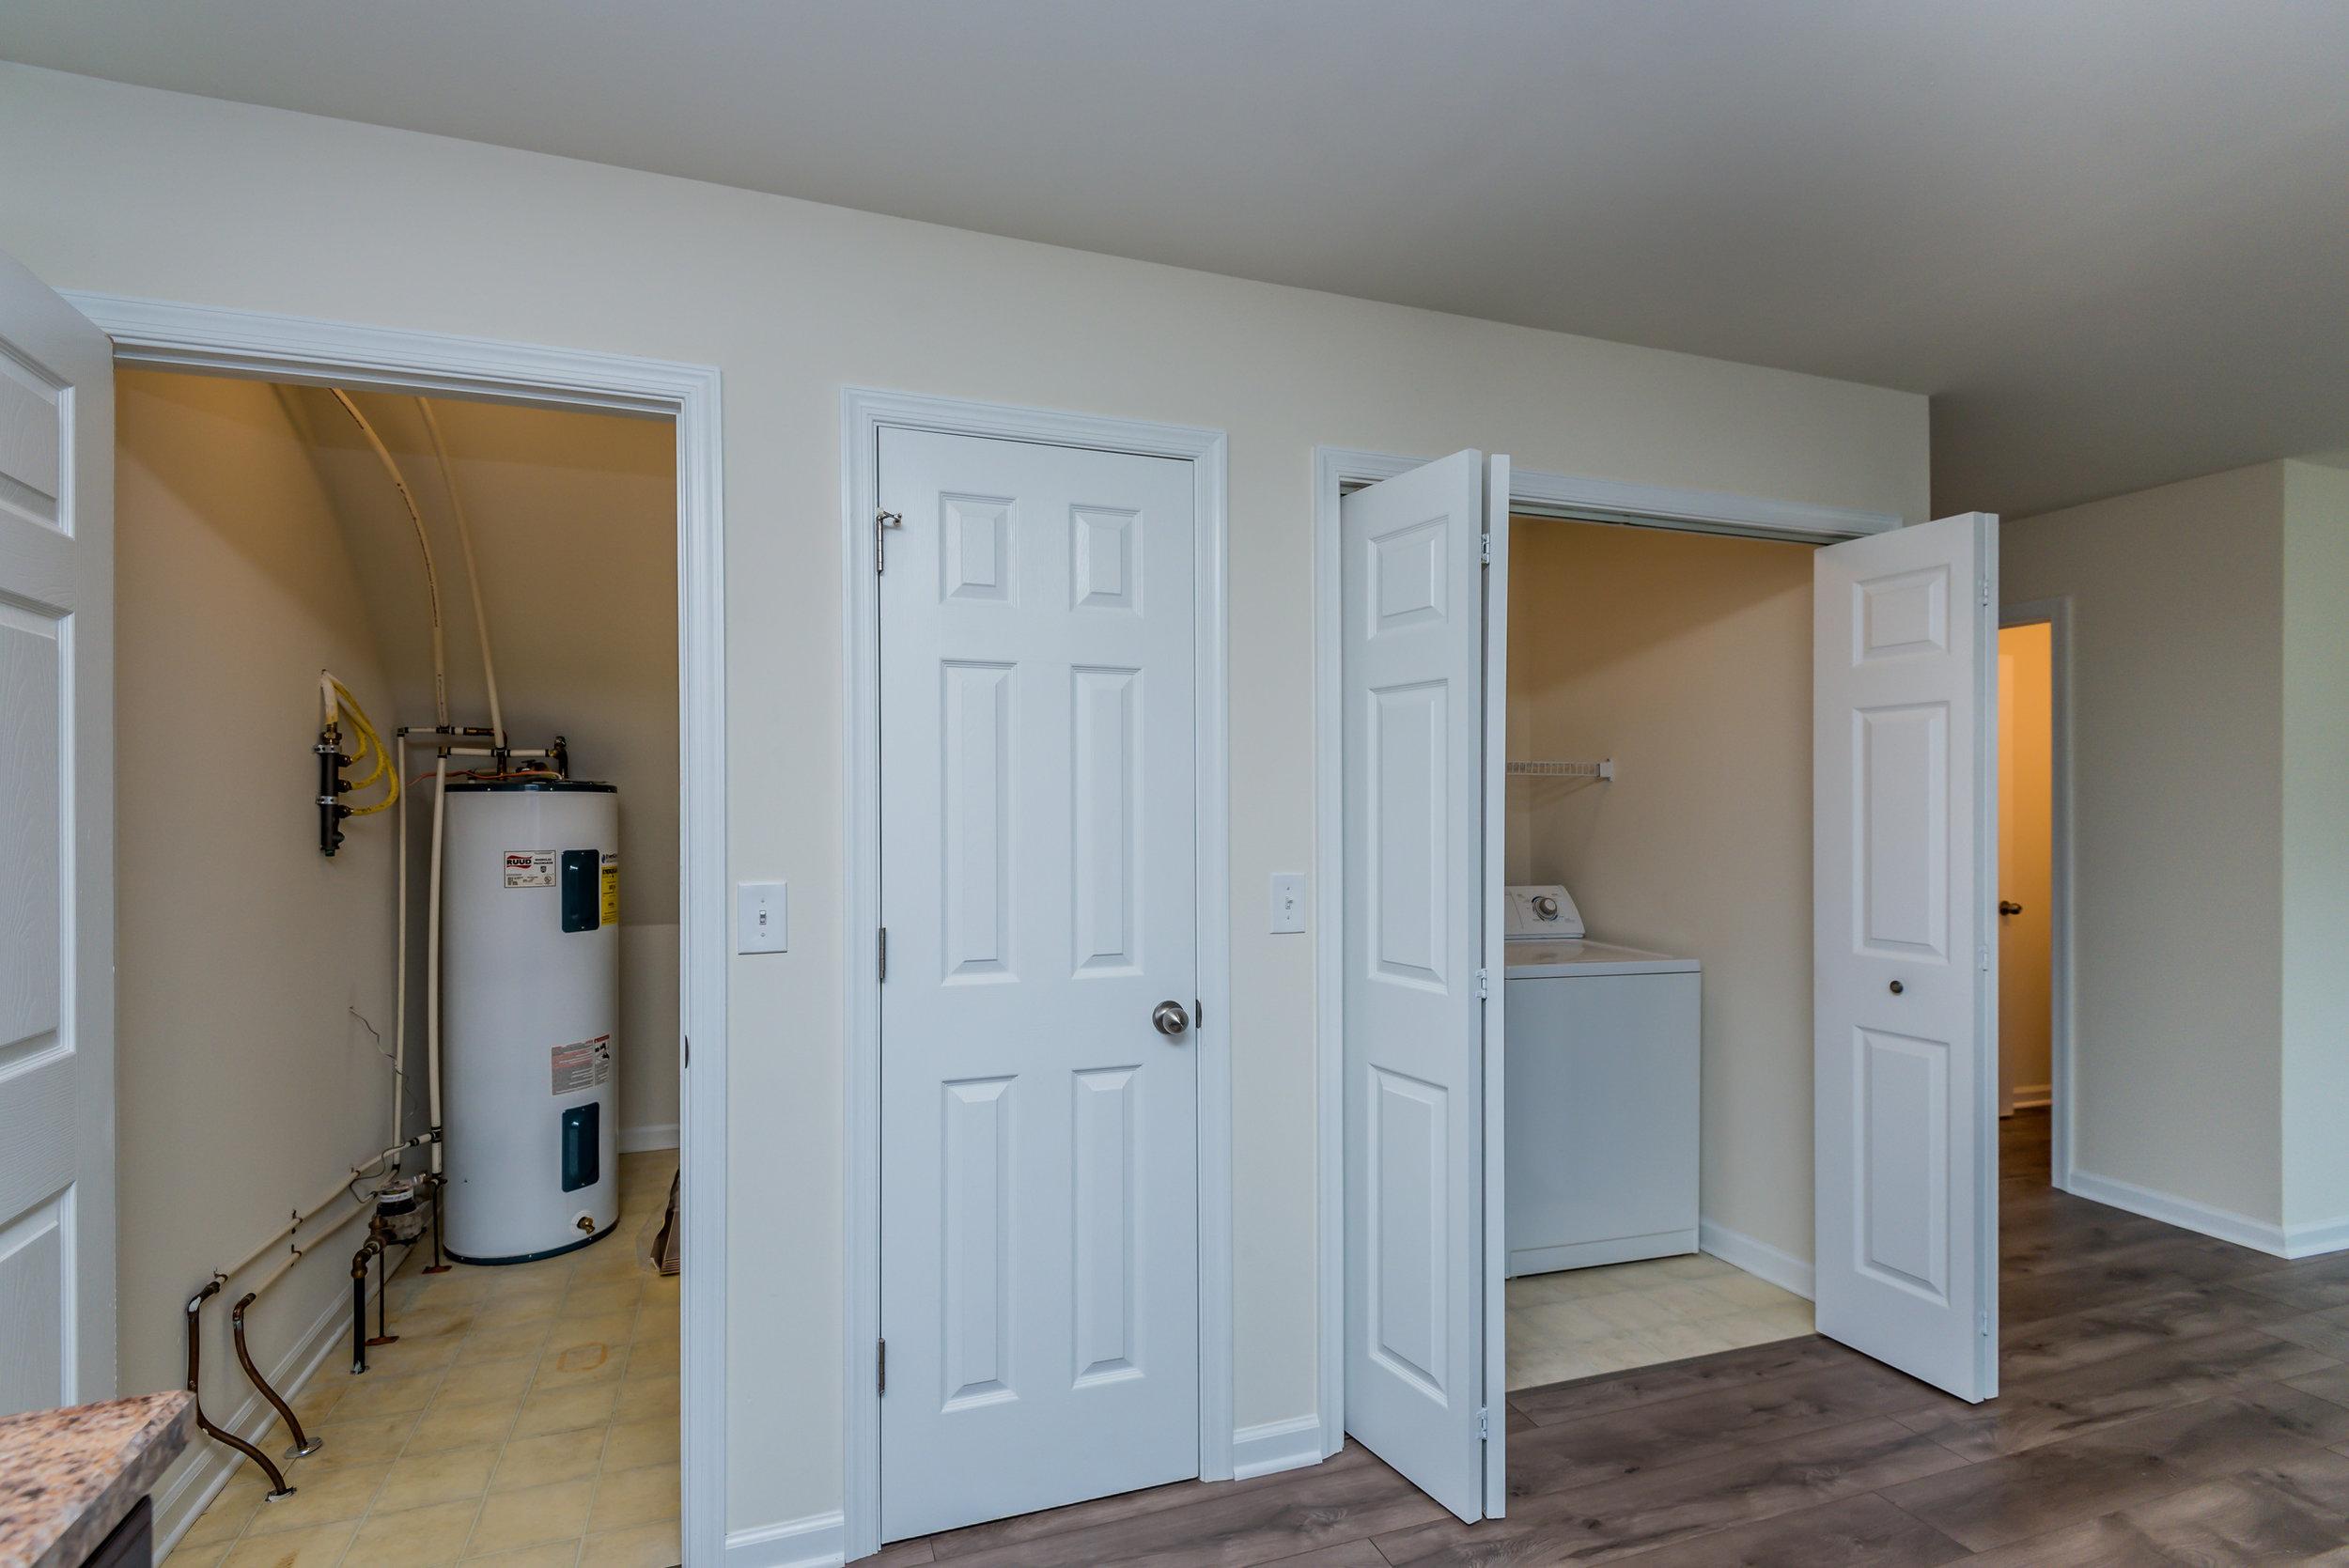 kitchen_storage_1_of_1_.jpg